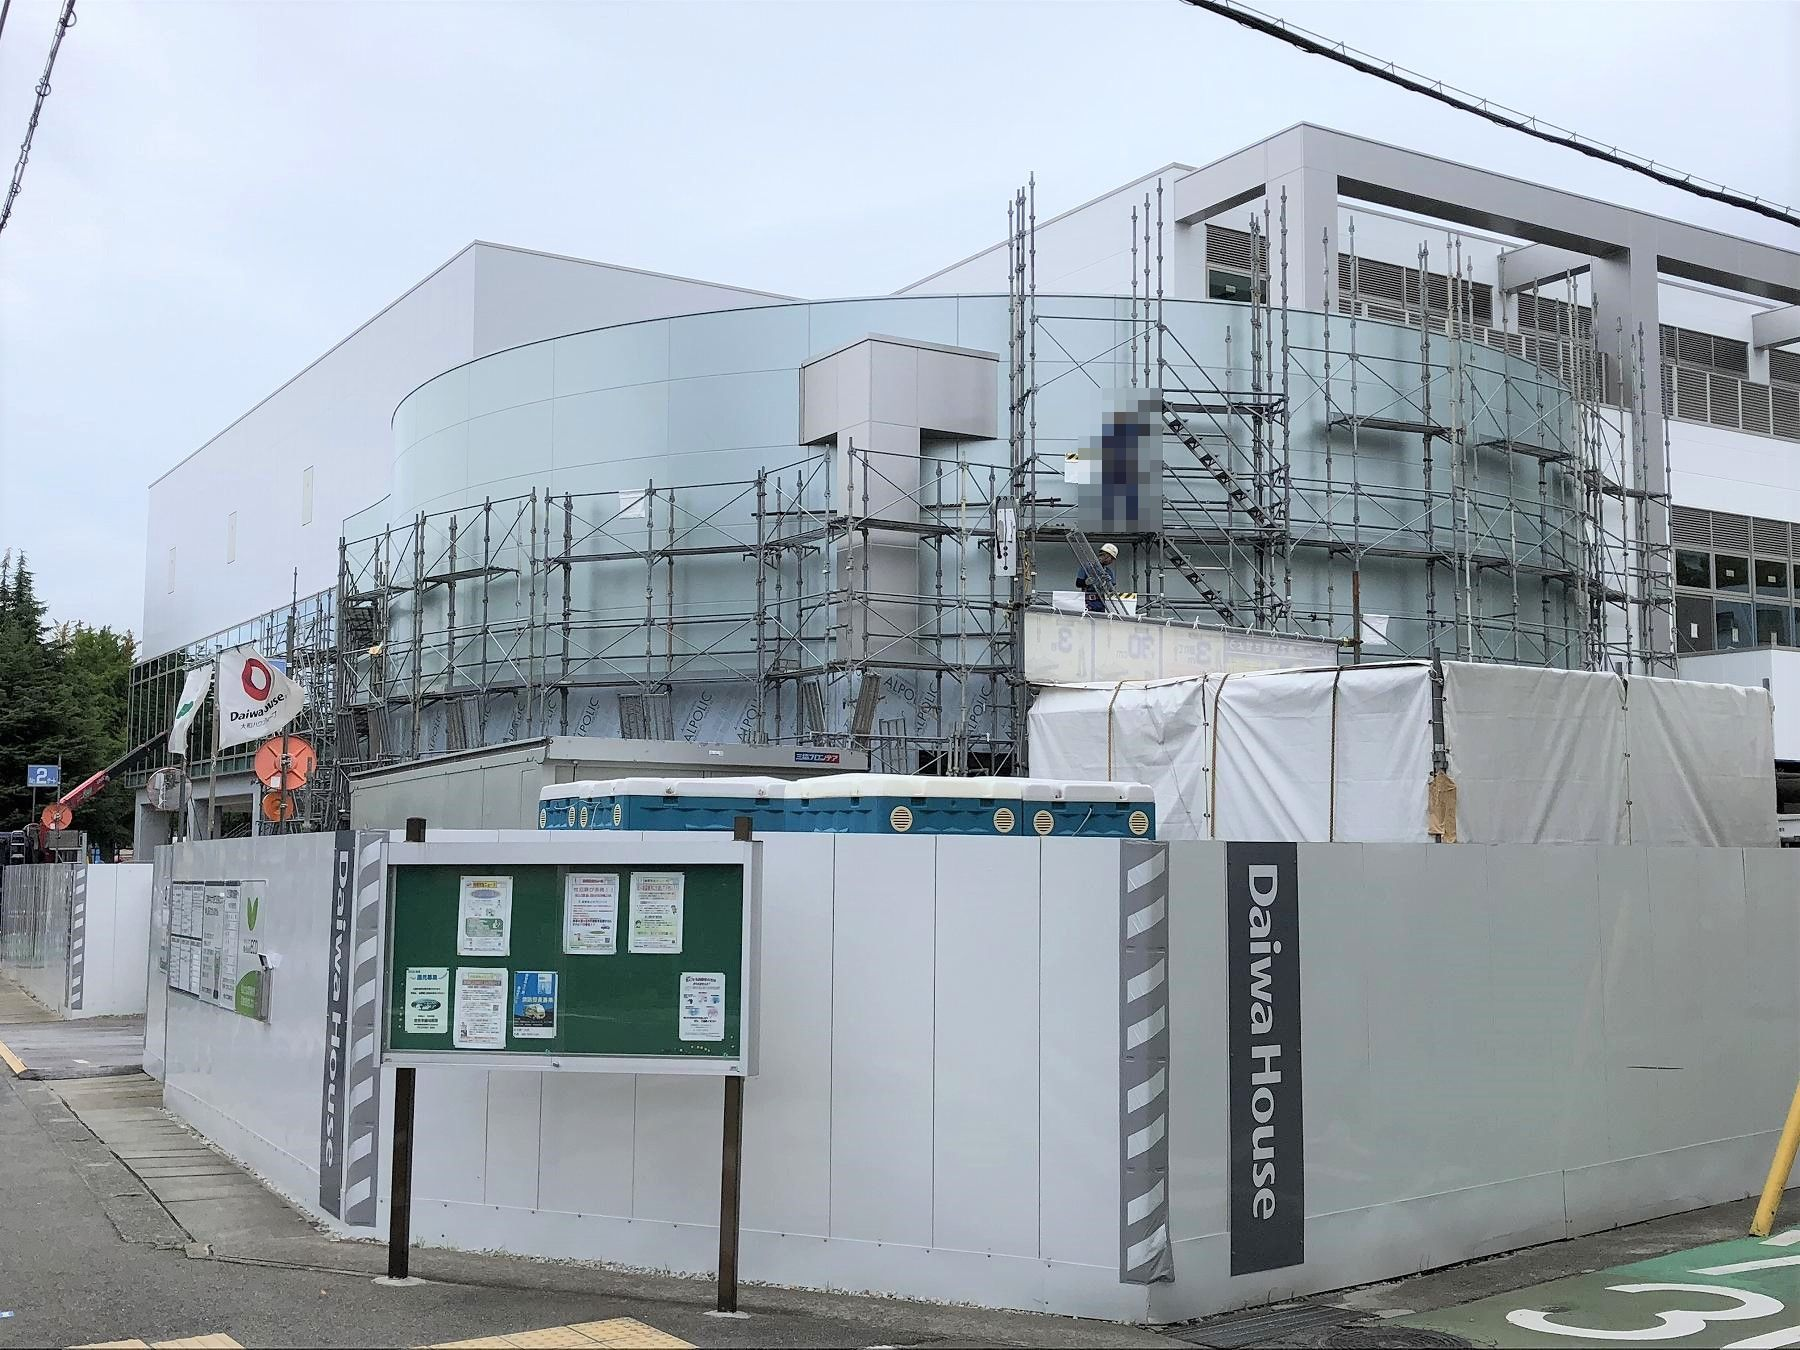 神戸・JR住吉南に「恋野温泉 うはらの湯」が2018年10月オープン予定!完成に近づいてきたよ! #恋野温泉 #うはらの湯 #東灘区 #新規オープン #甲南病院 #温泉